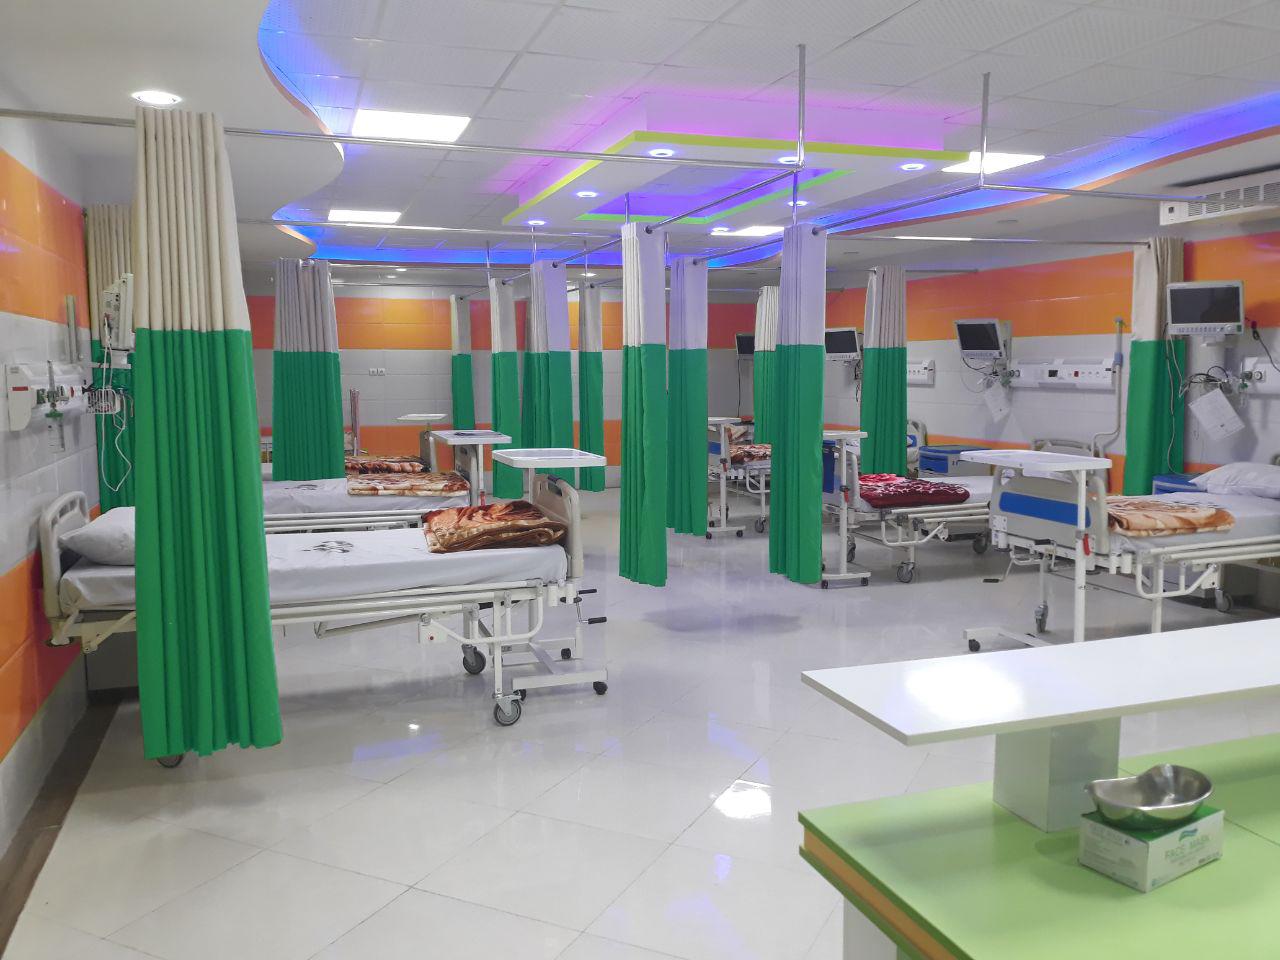 پرده آنتی باکتریال بیمارستانی شرکت رادمان نوین